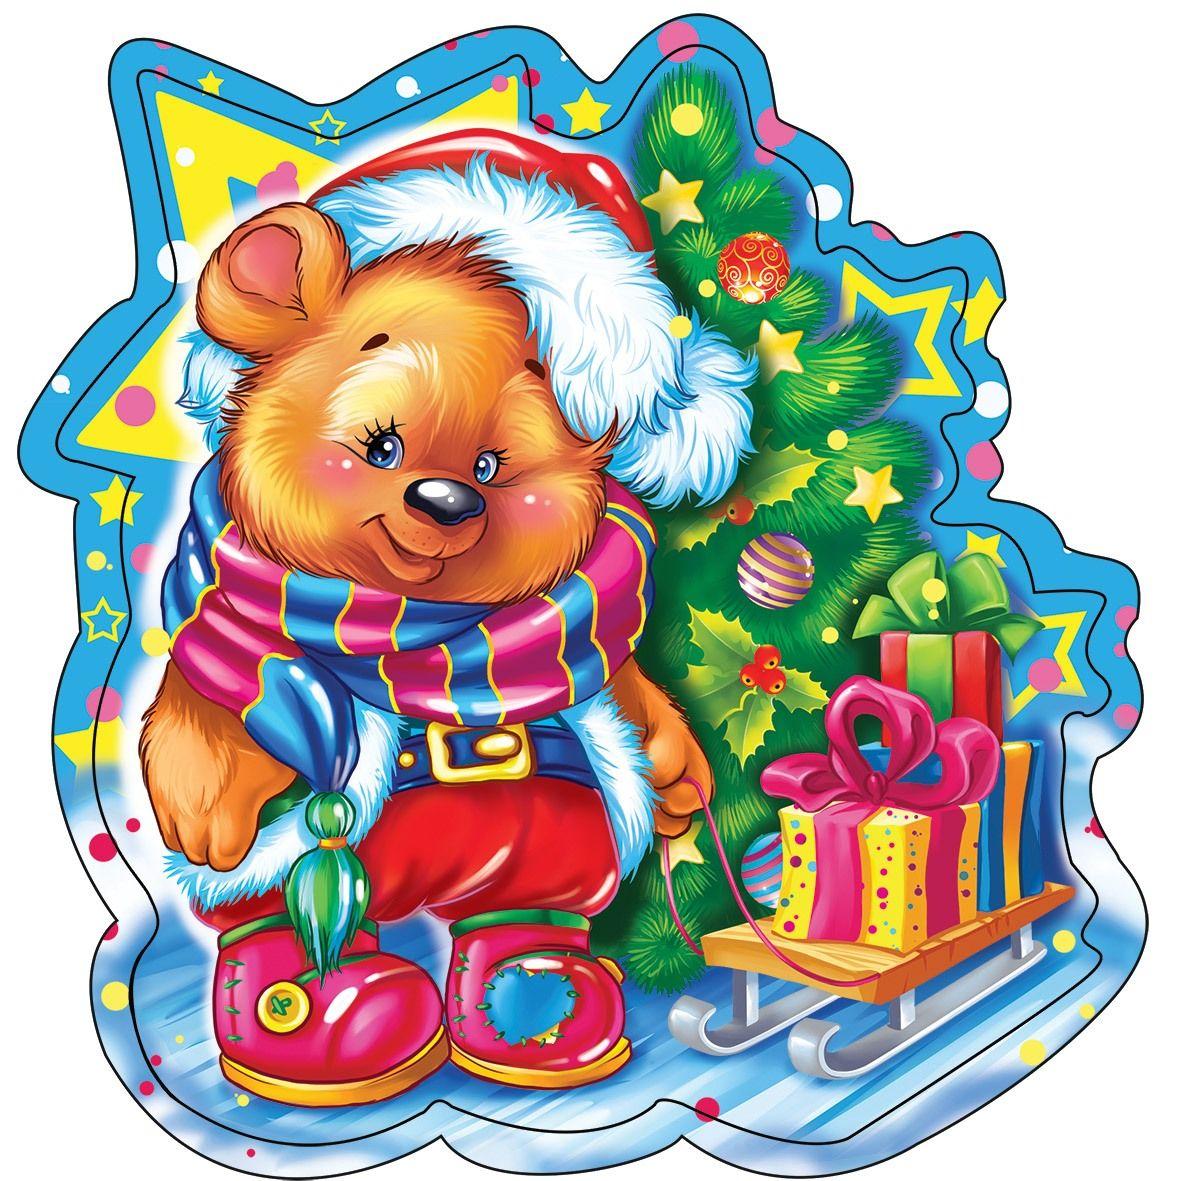 сувениры к новому году   Дед мороз, Новогодние открытки ...